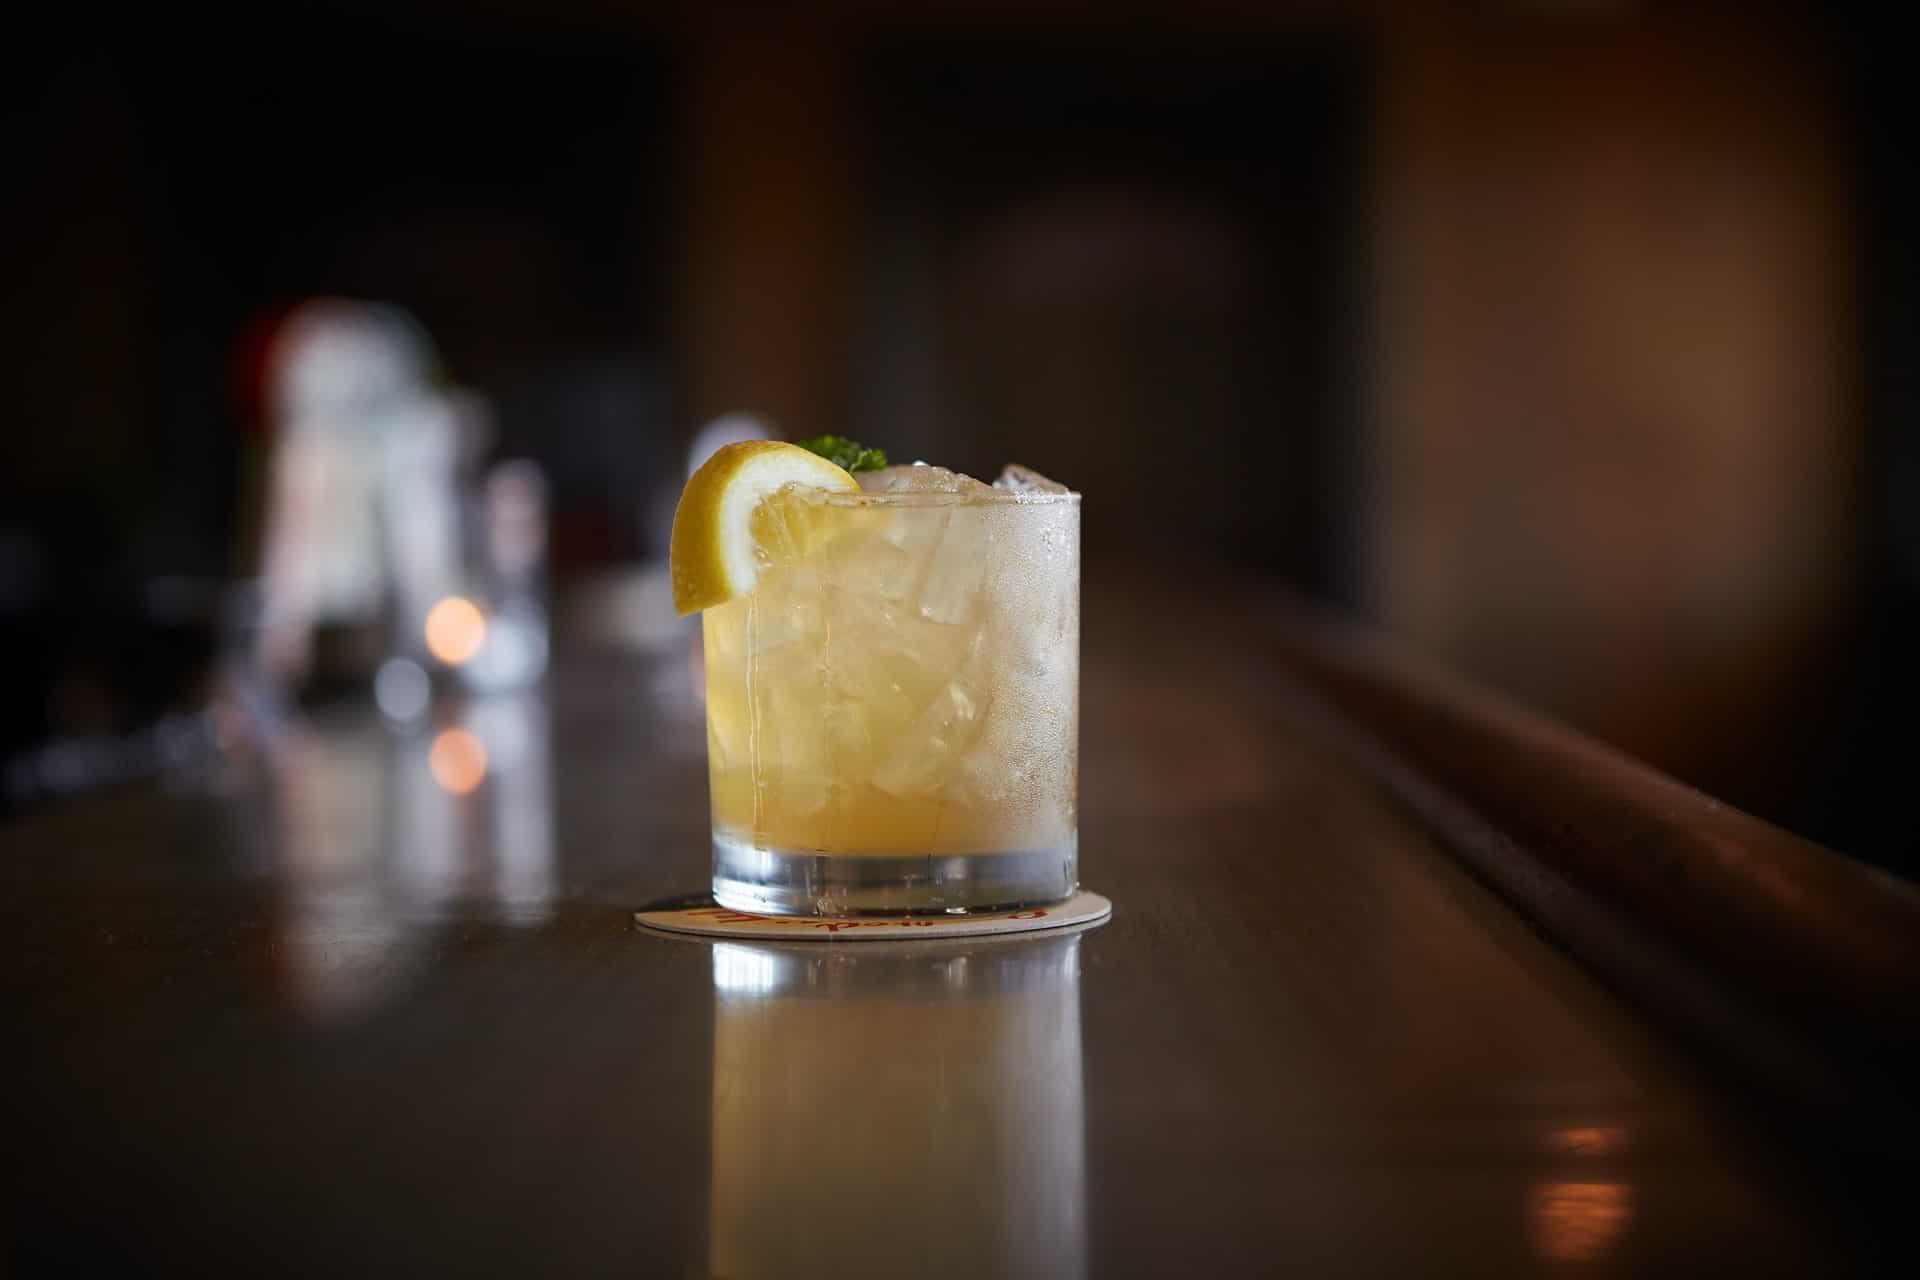 When Life gives you Lemon- Make a Lemonade